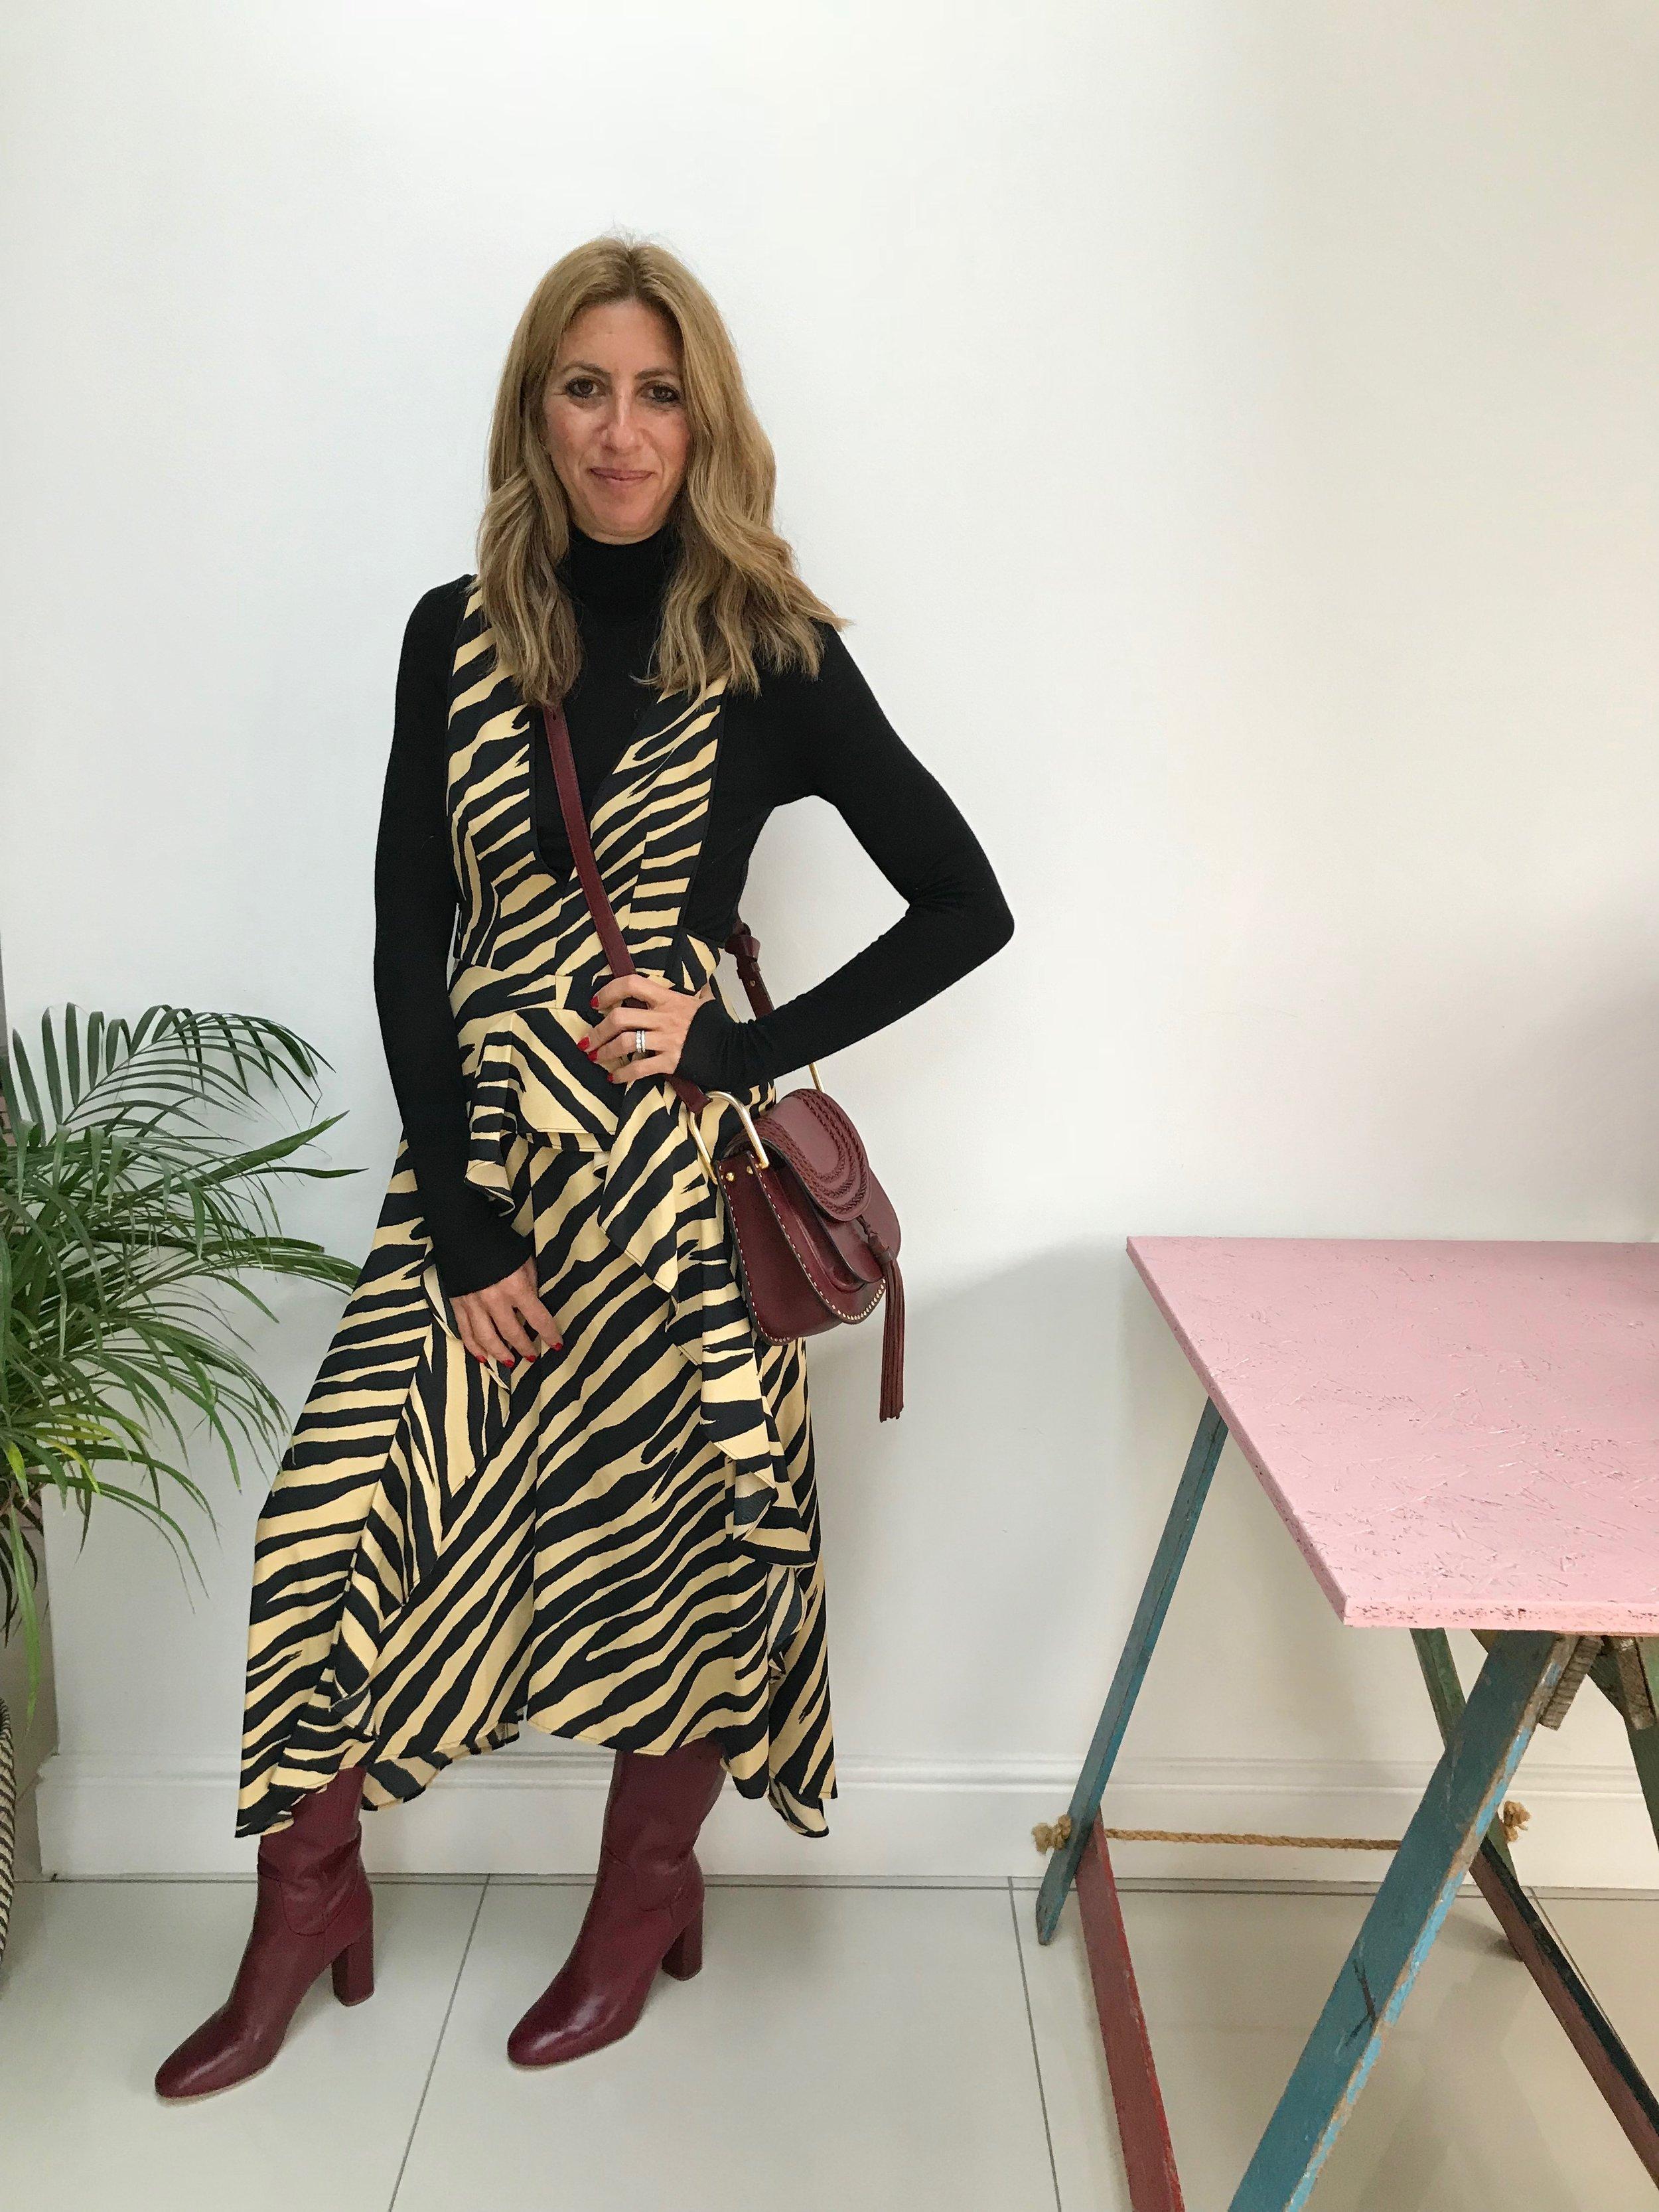 Dress:  Topshop  Top:  Asos  Boots: Zara